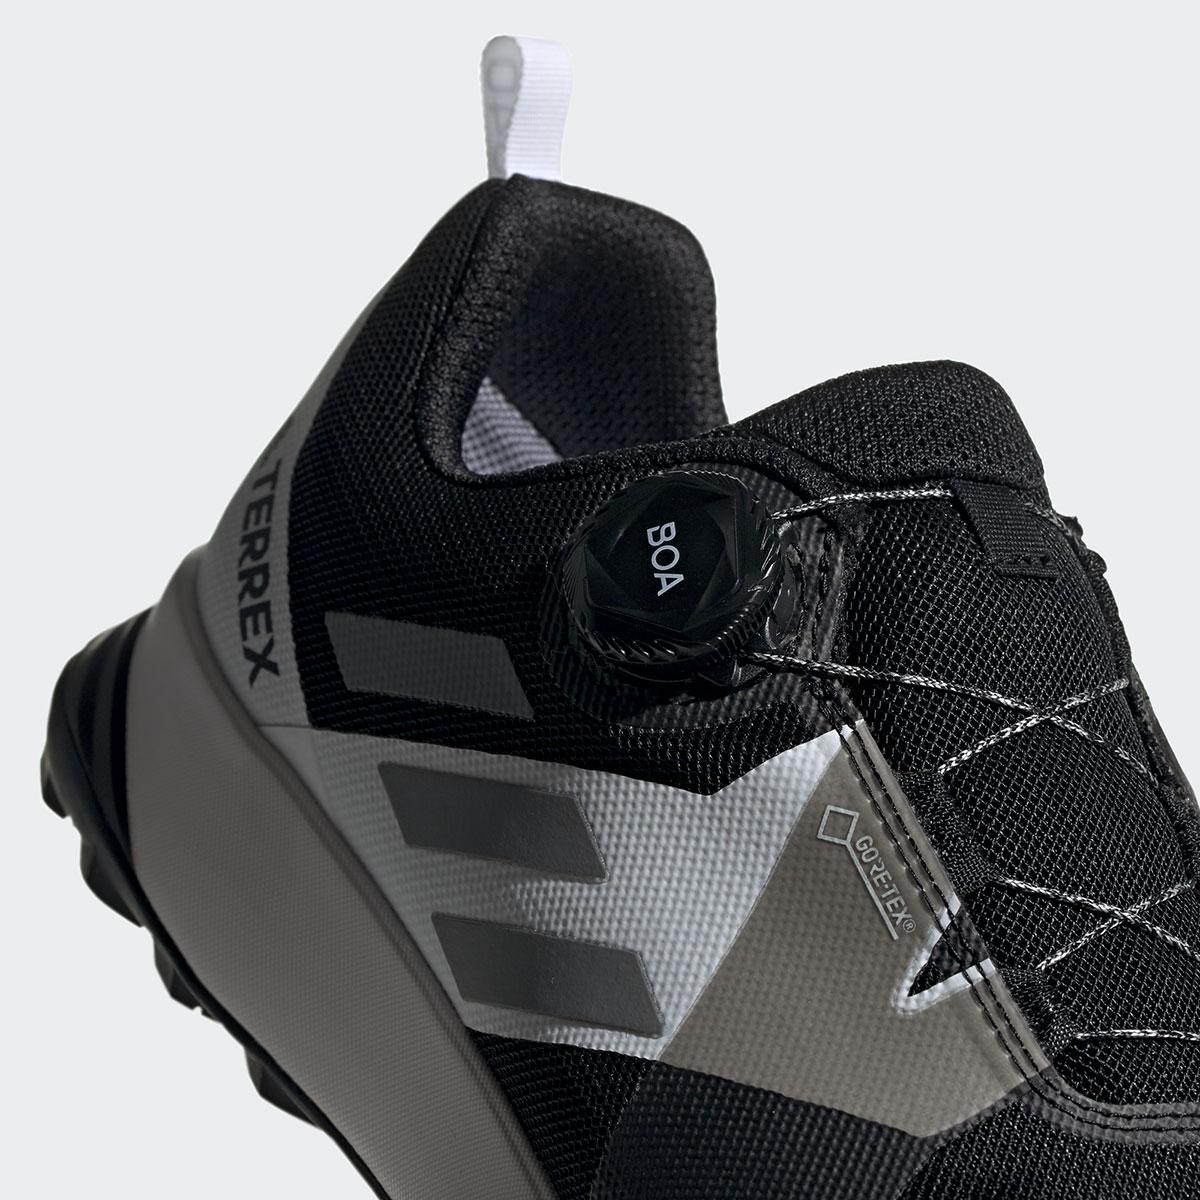 Scarpe adidas goretex Terrex Two Boa con Sistema Boa Fit da trail running. Il Boa Closure System consente di indossare e sfilare le scarpe con facilità